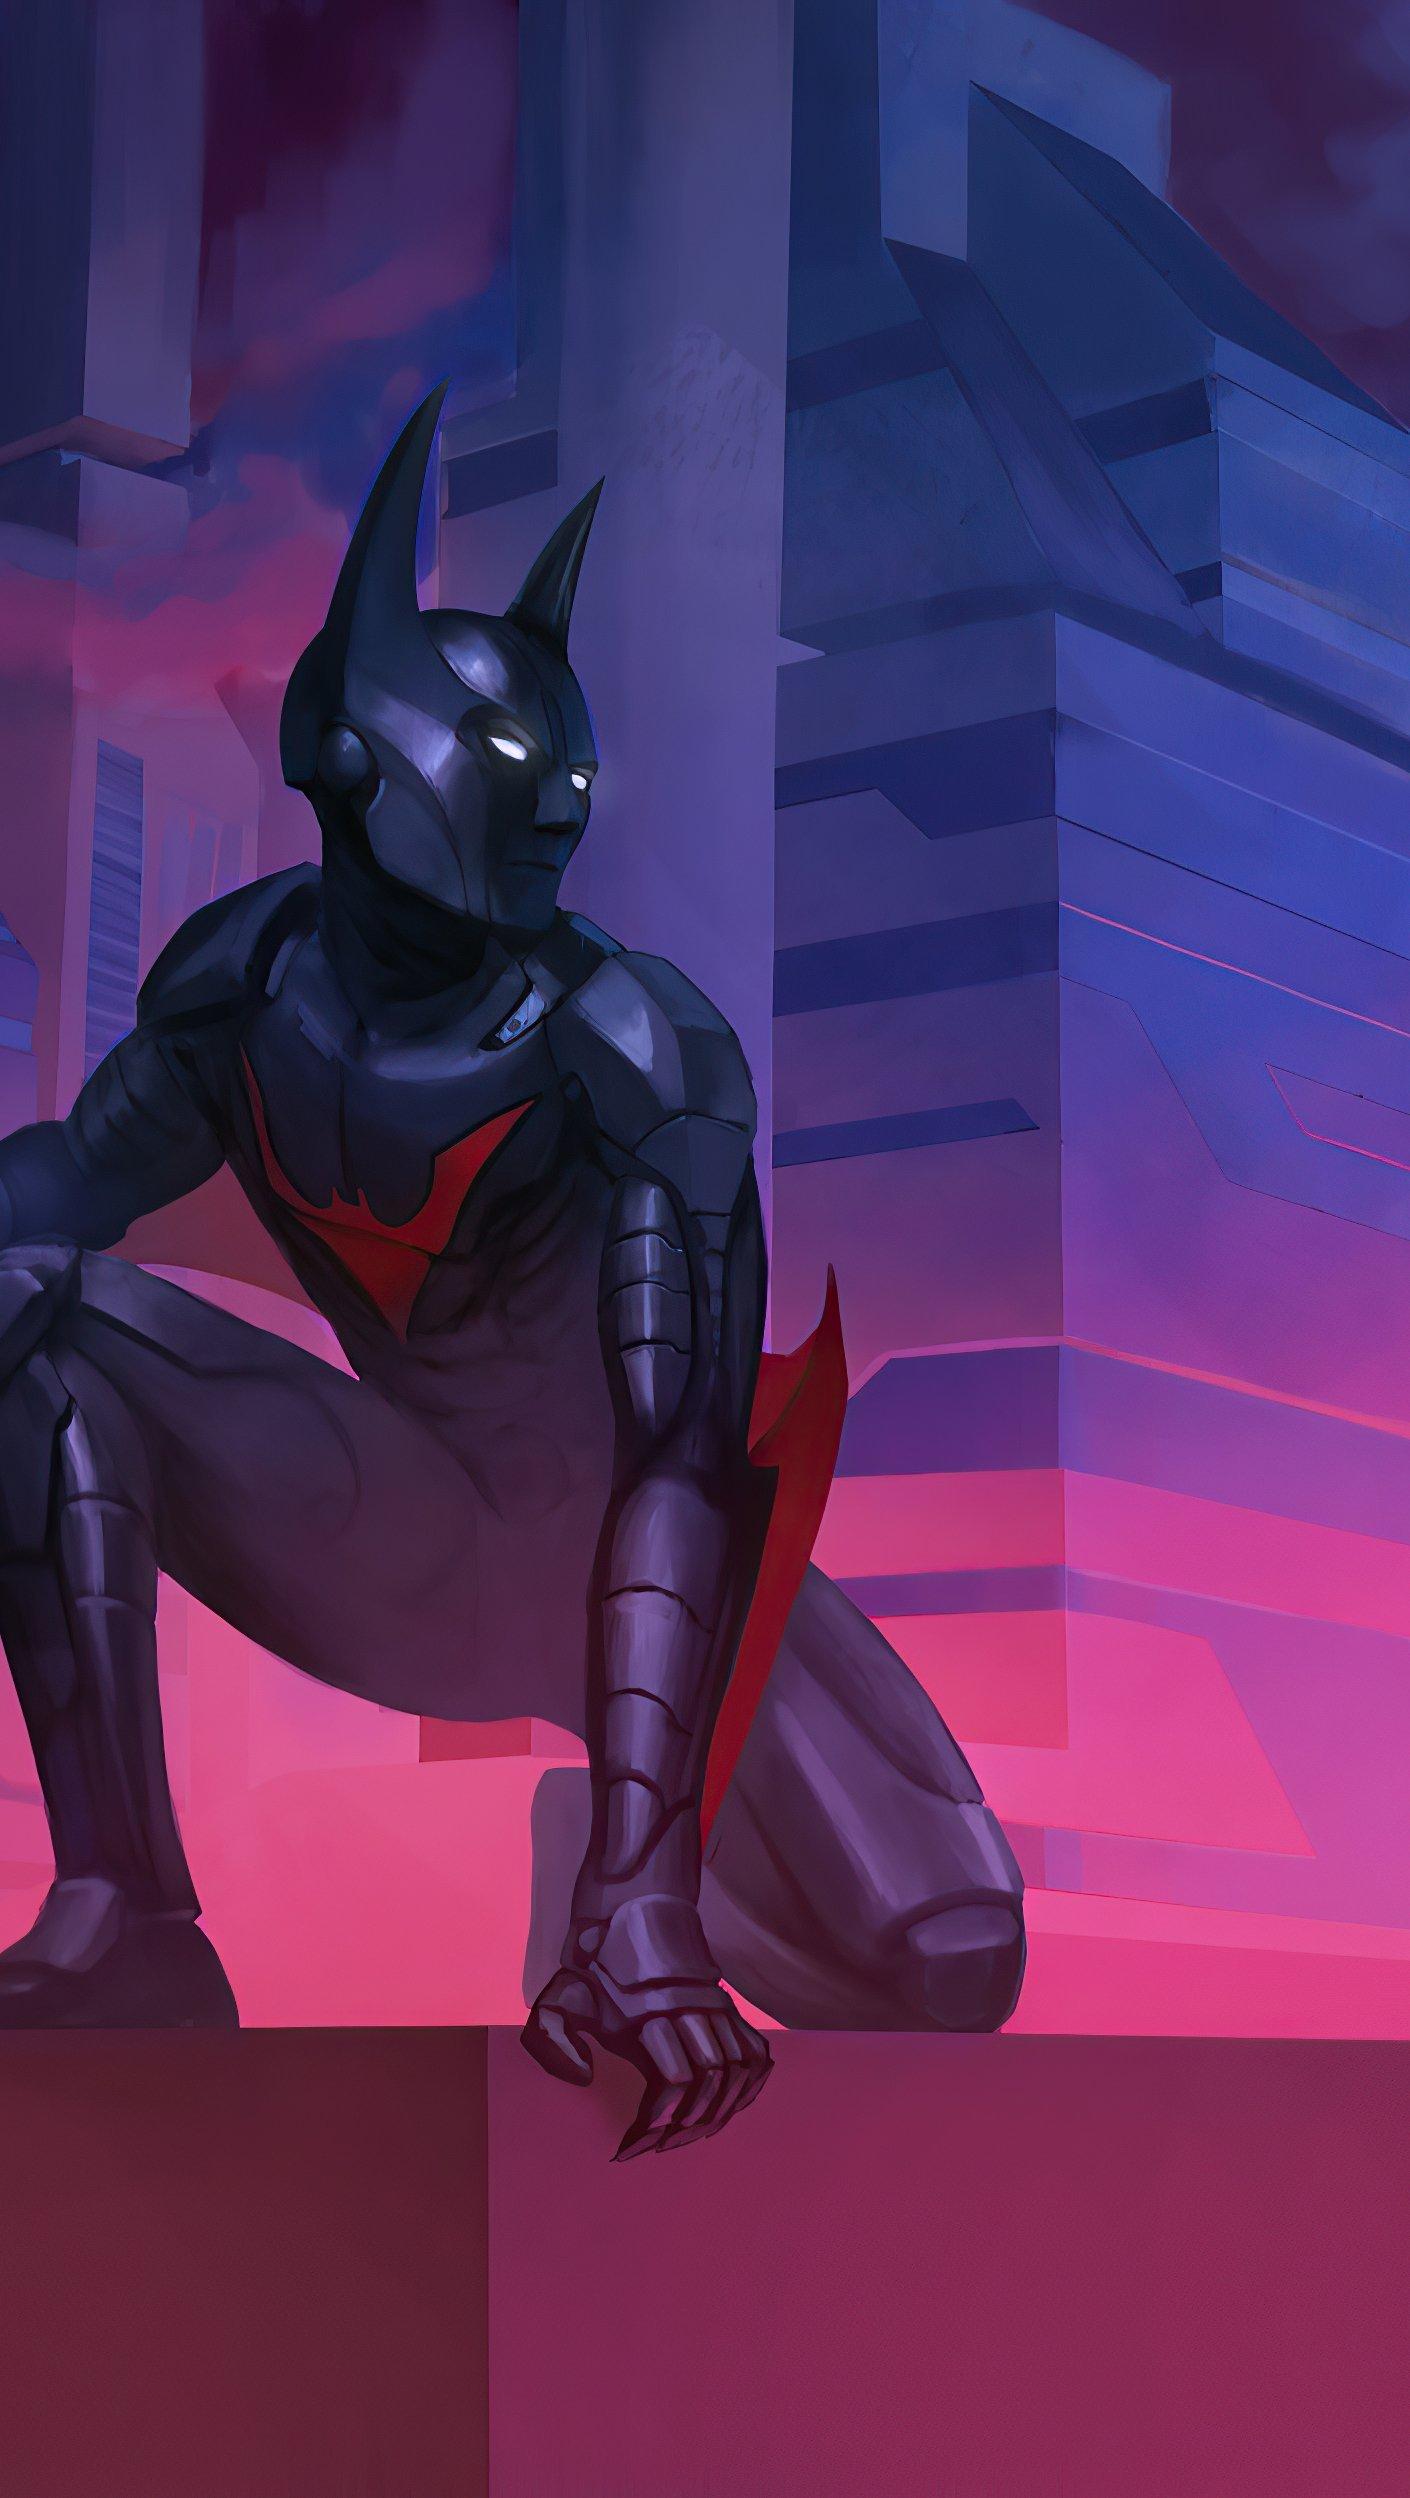 Wallpaper Batman Beyond Art 2020 Vertical